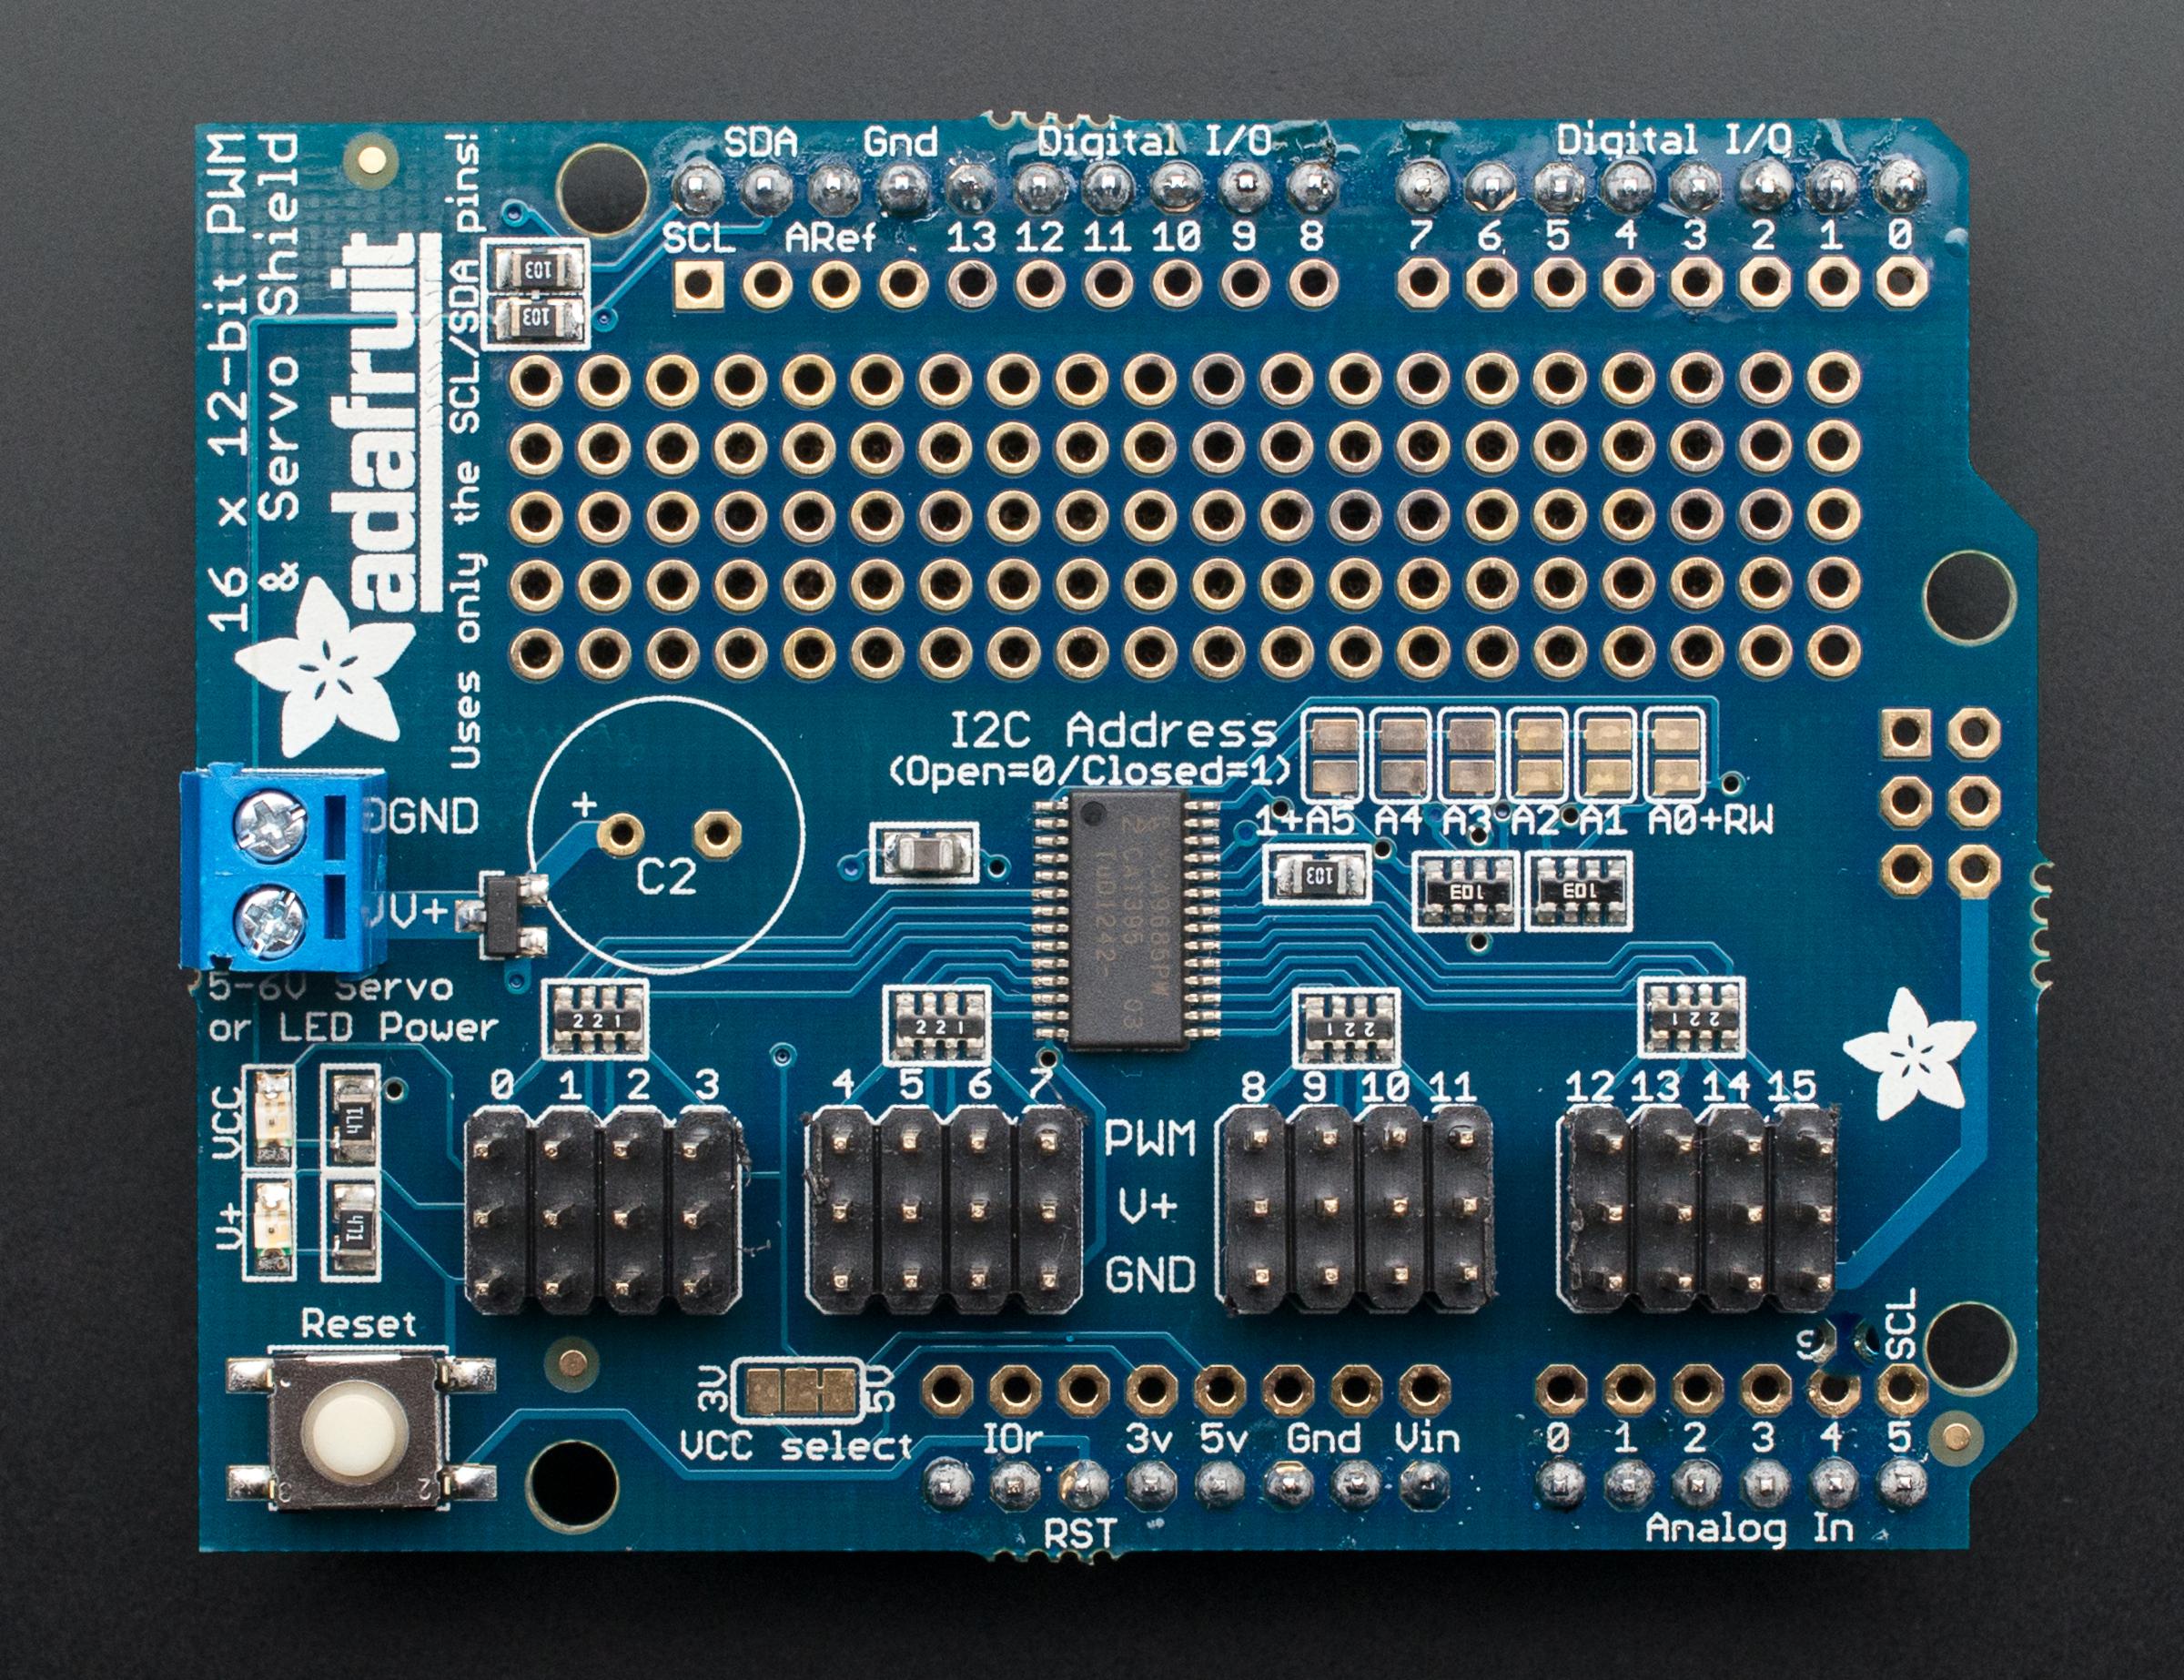 adafruit_products_1411top_ORIG.jpg